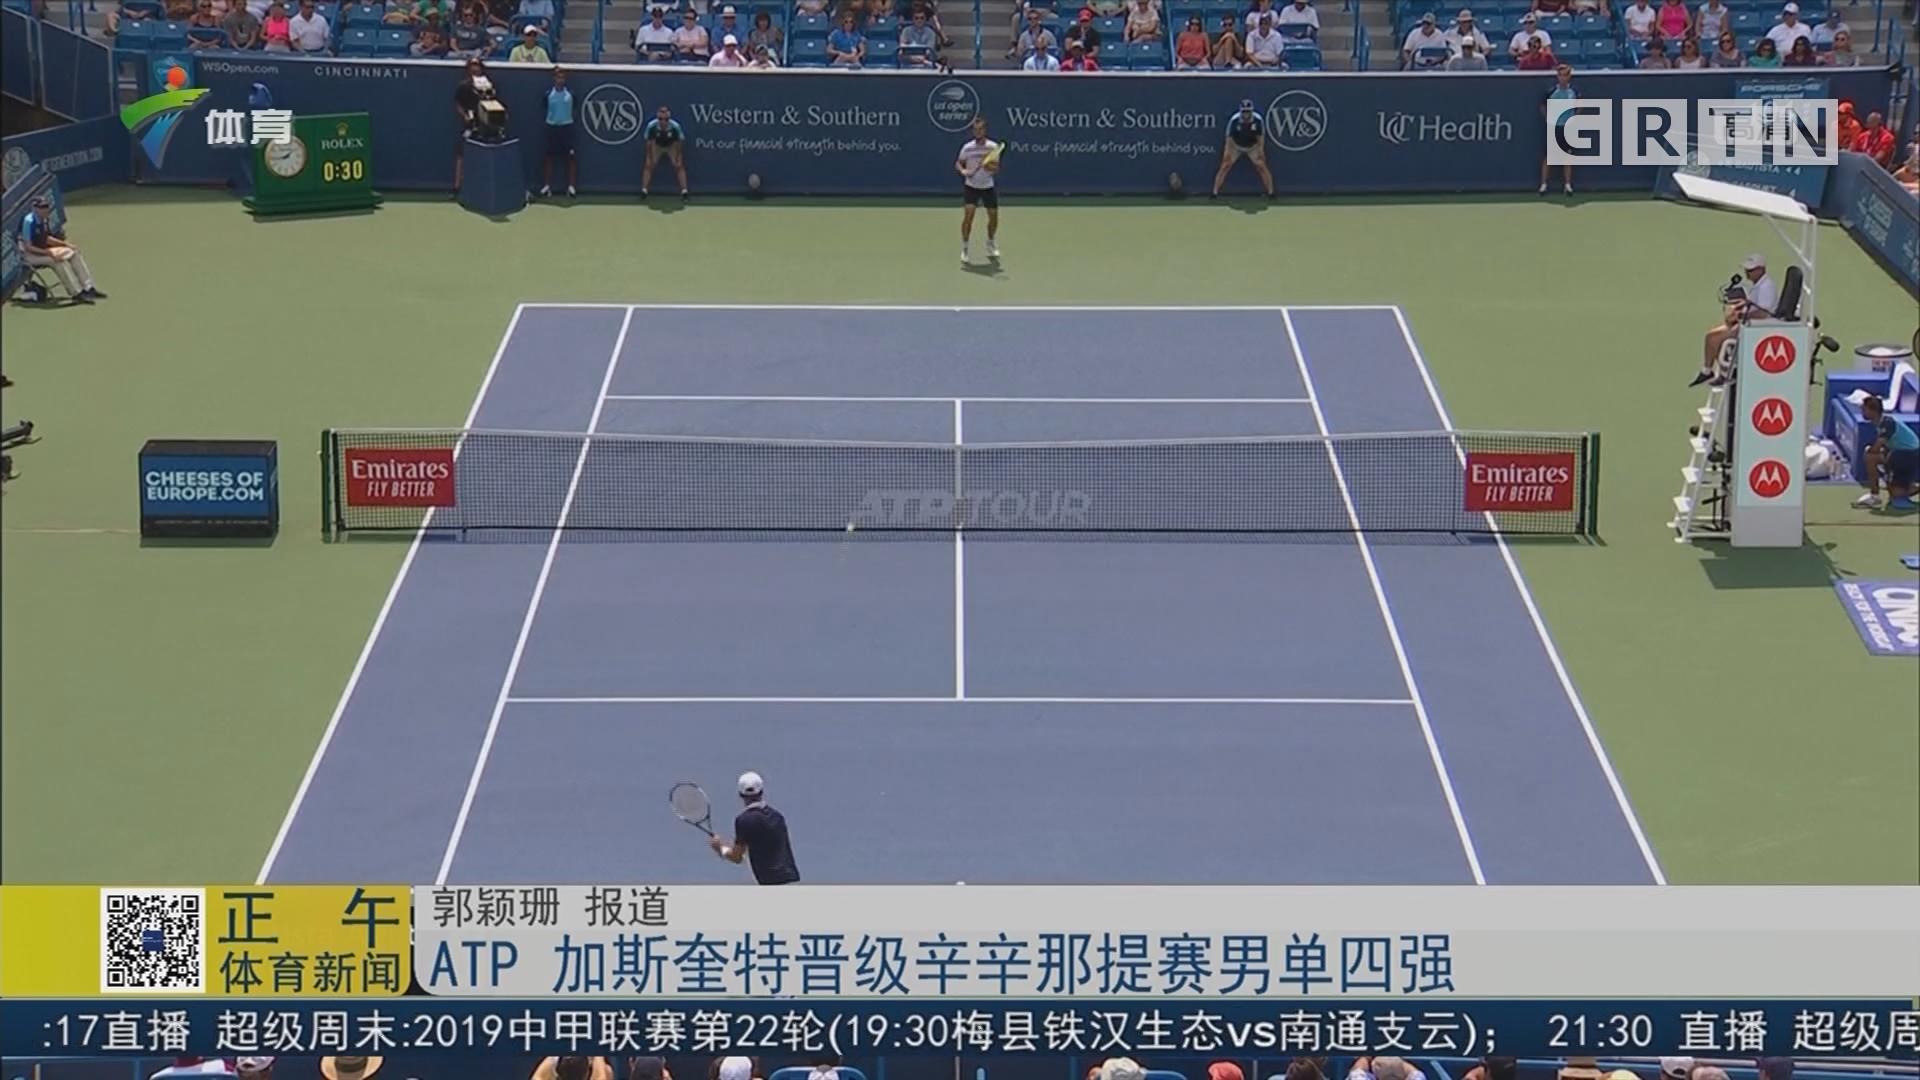 ATP 加斯奎特晋级辛辛那提赛男单四强